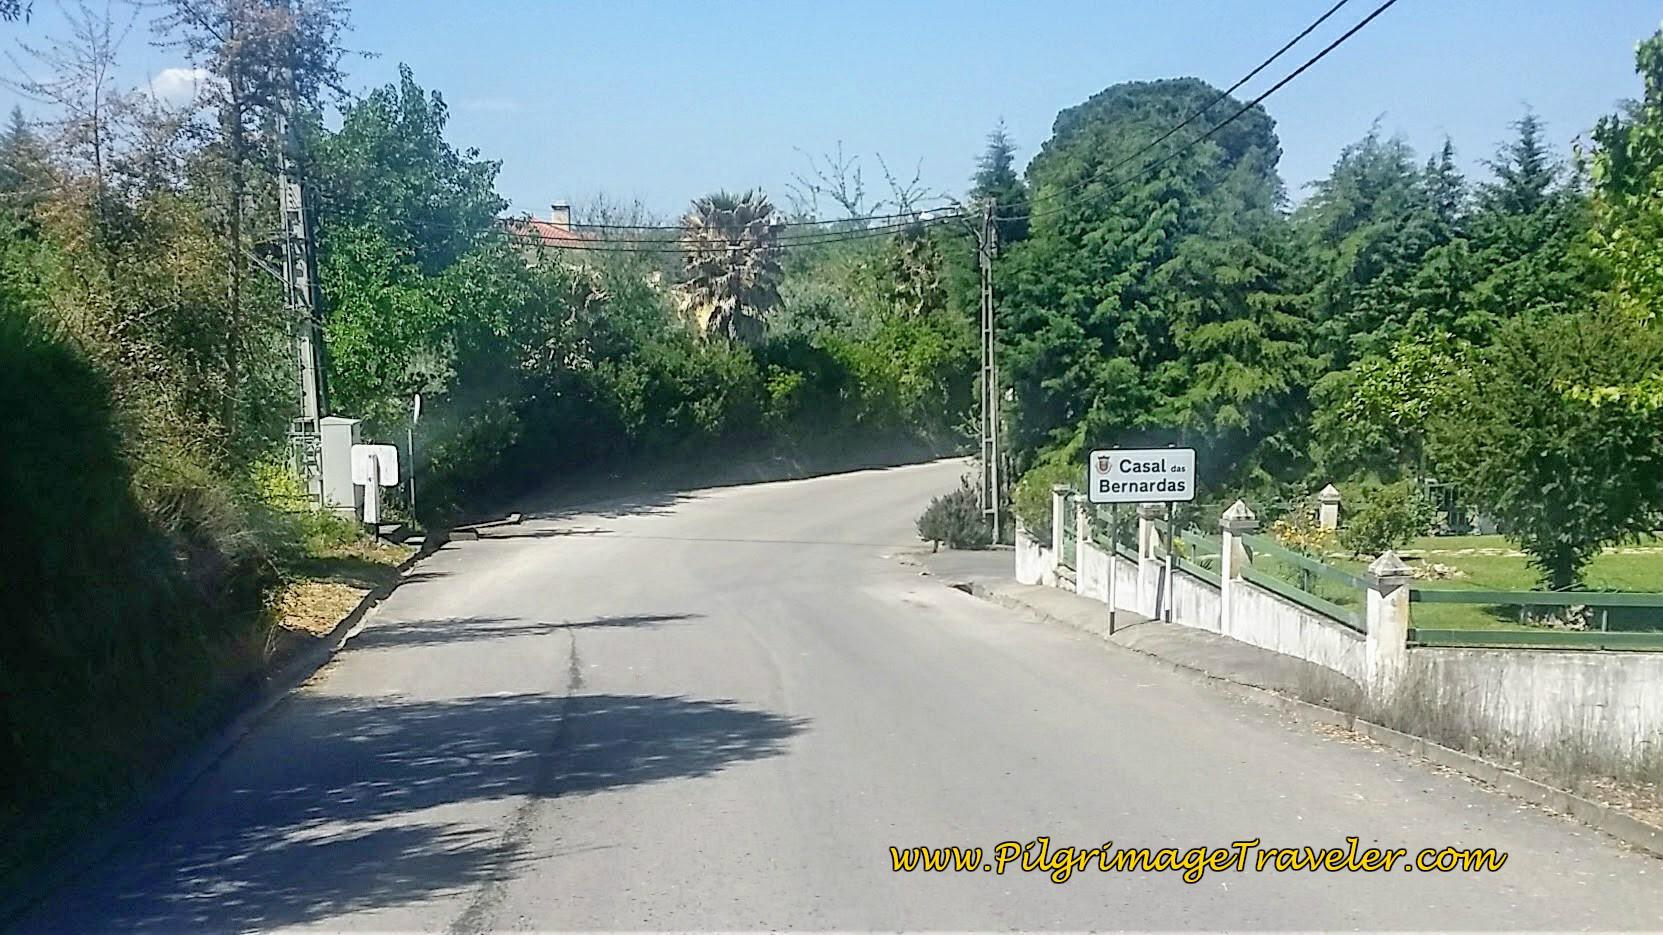 Casal das Bernardas on the Portuguese Way